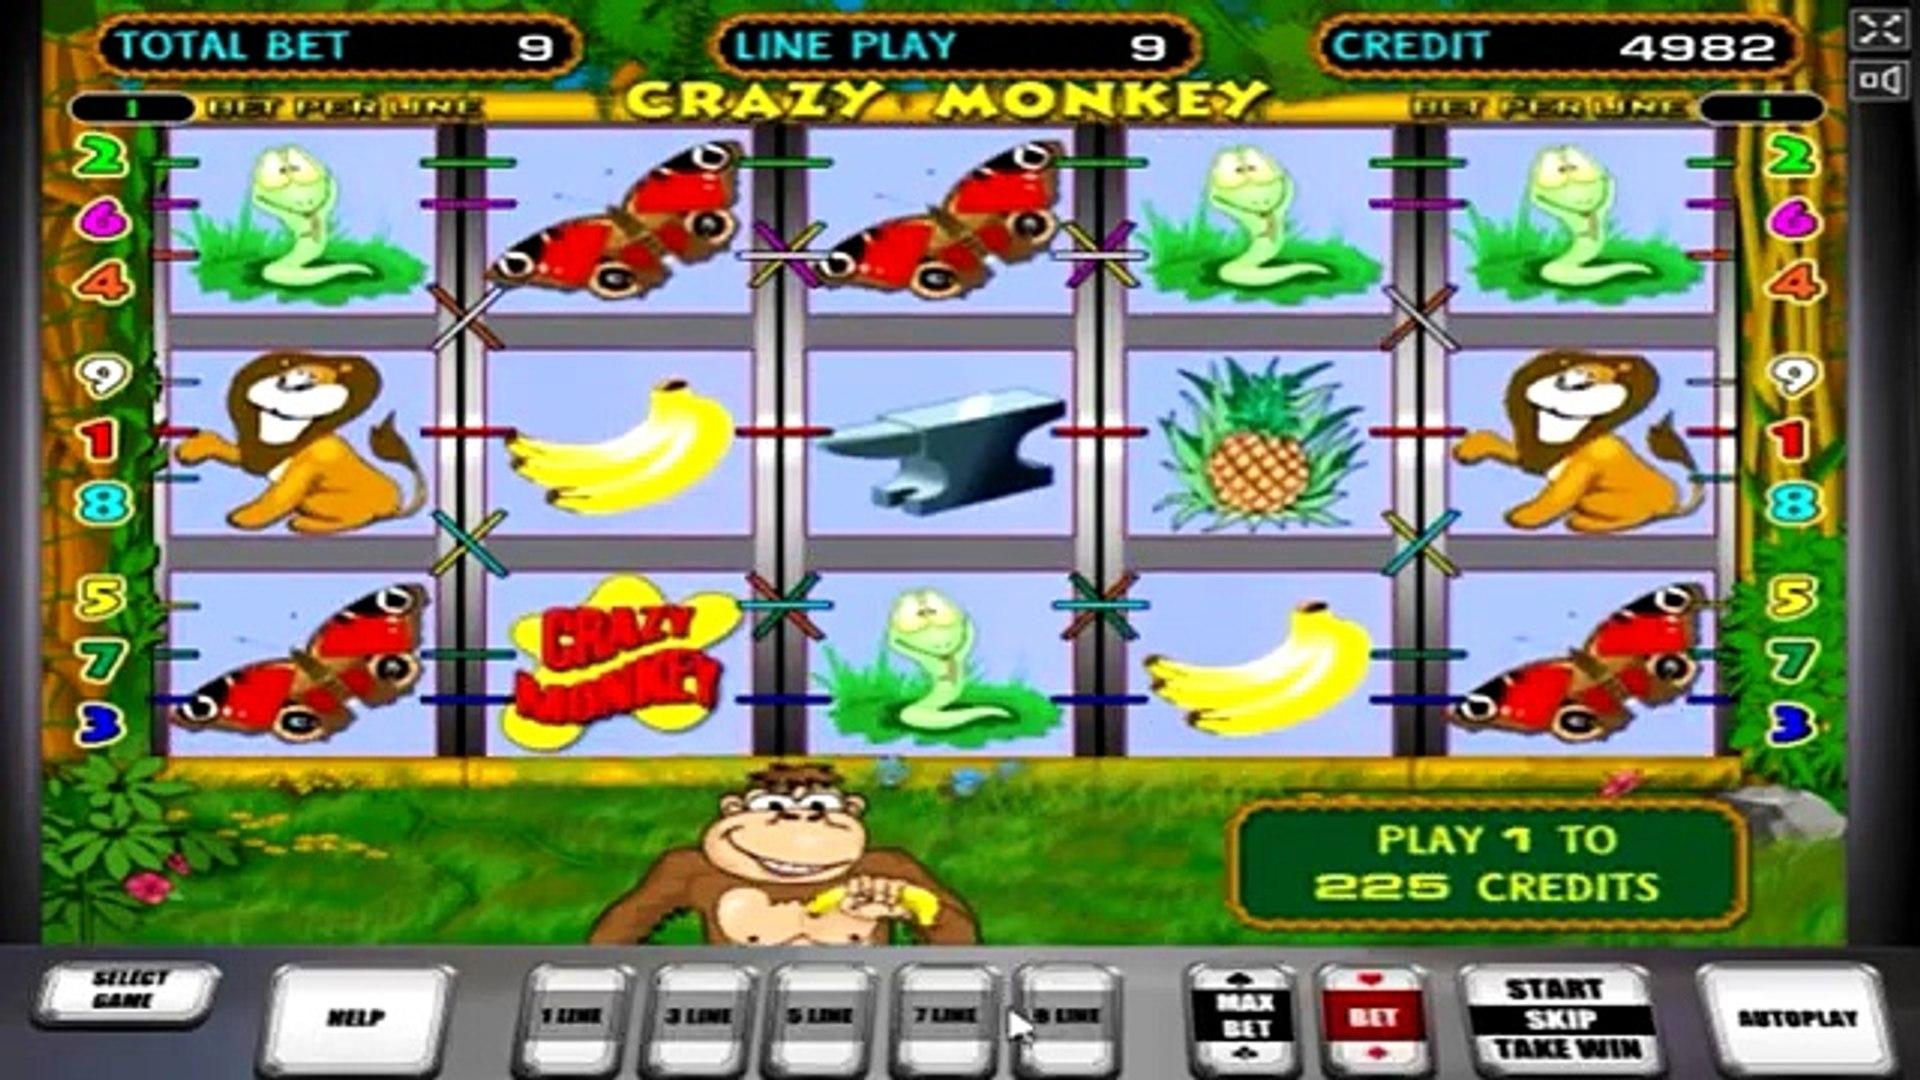 Играть бесплатно в игровые автоматы crazy monkey